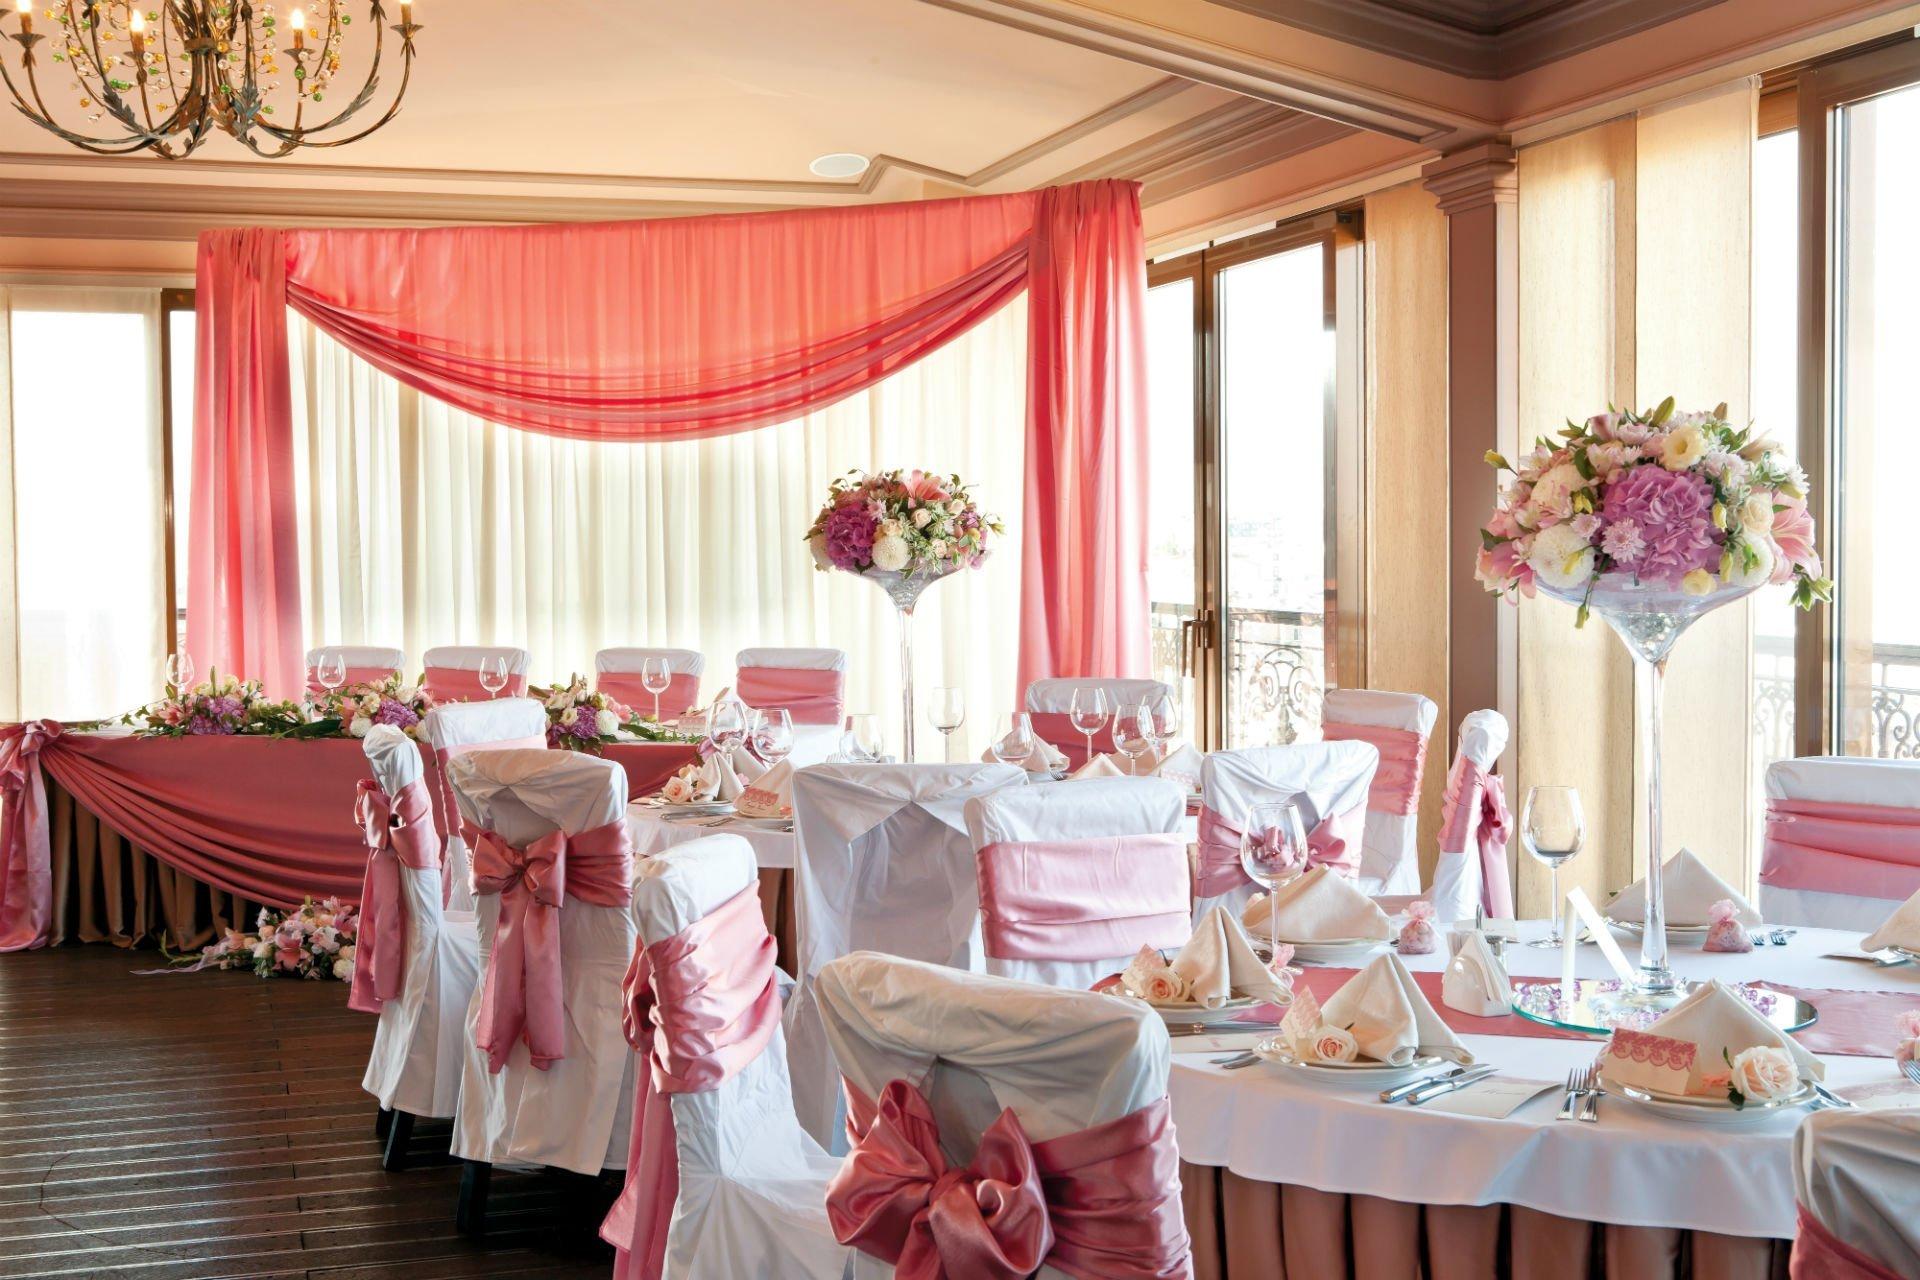 dei tavoli con dei vasi di fiori apparecchiati per una cerimonia